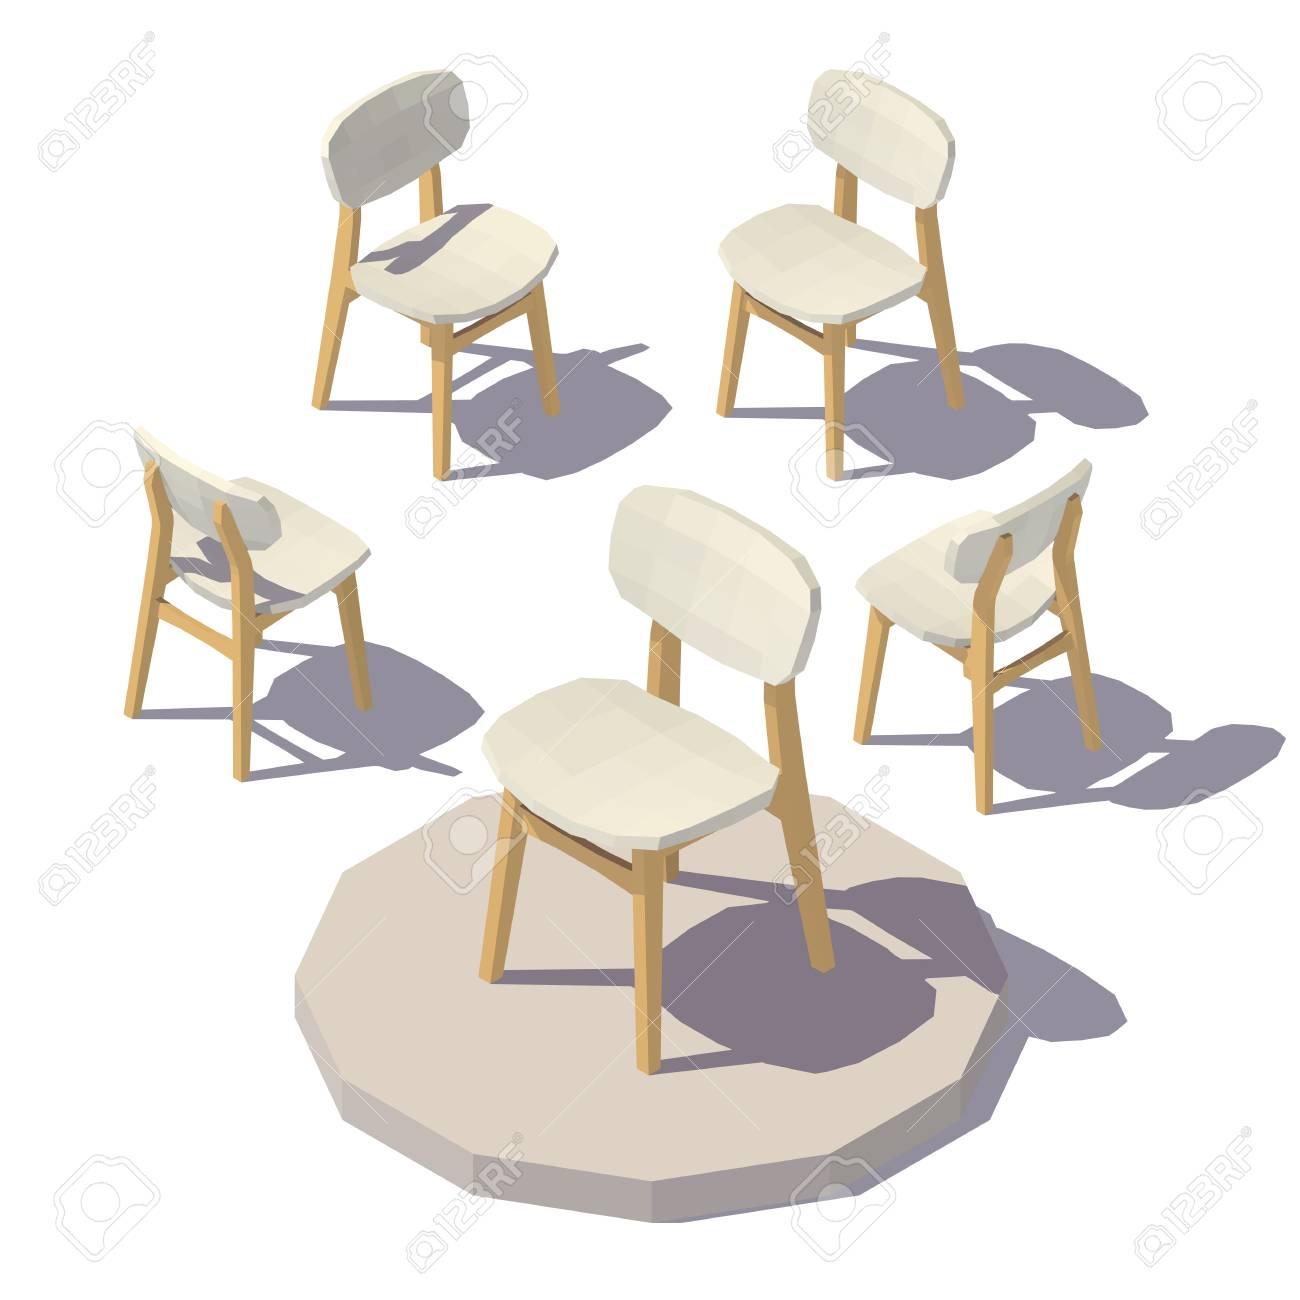 Chaise Designer Isometrique Clip Art Libres De Droits Vecteurs Et